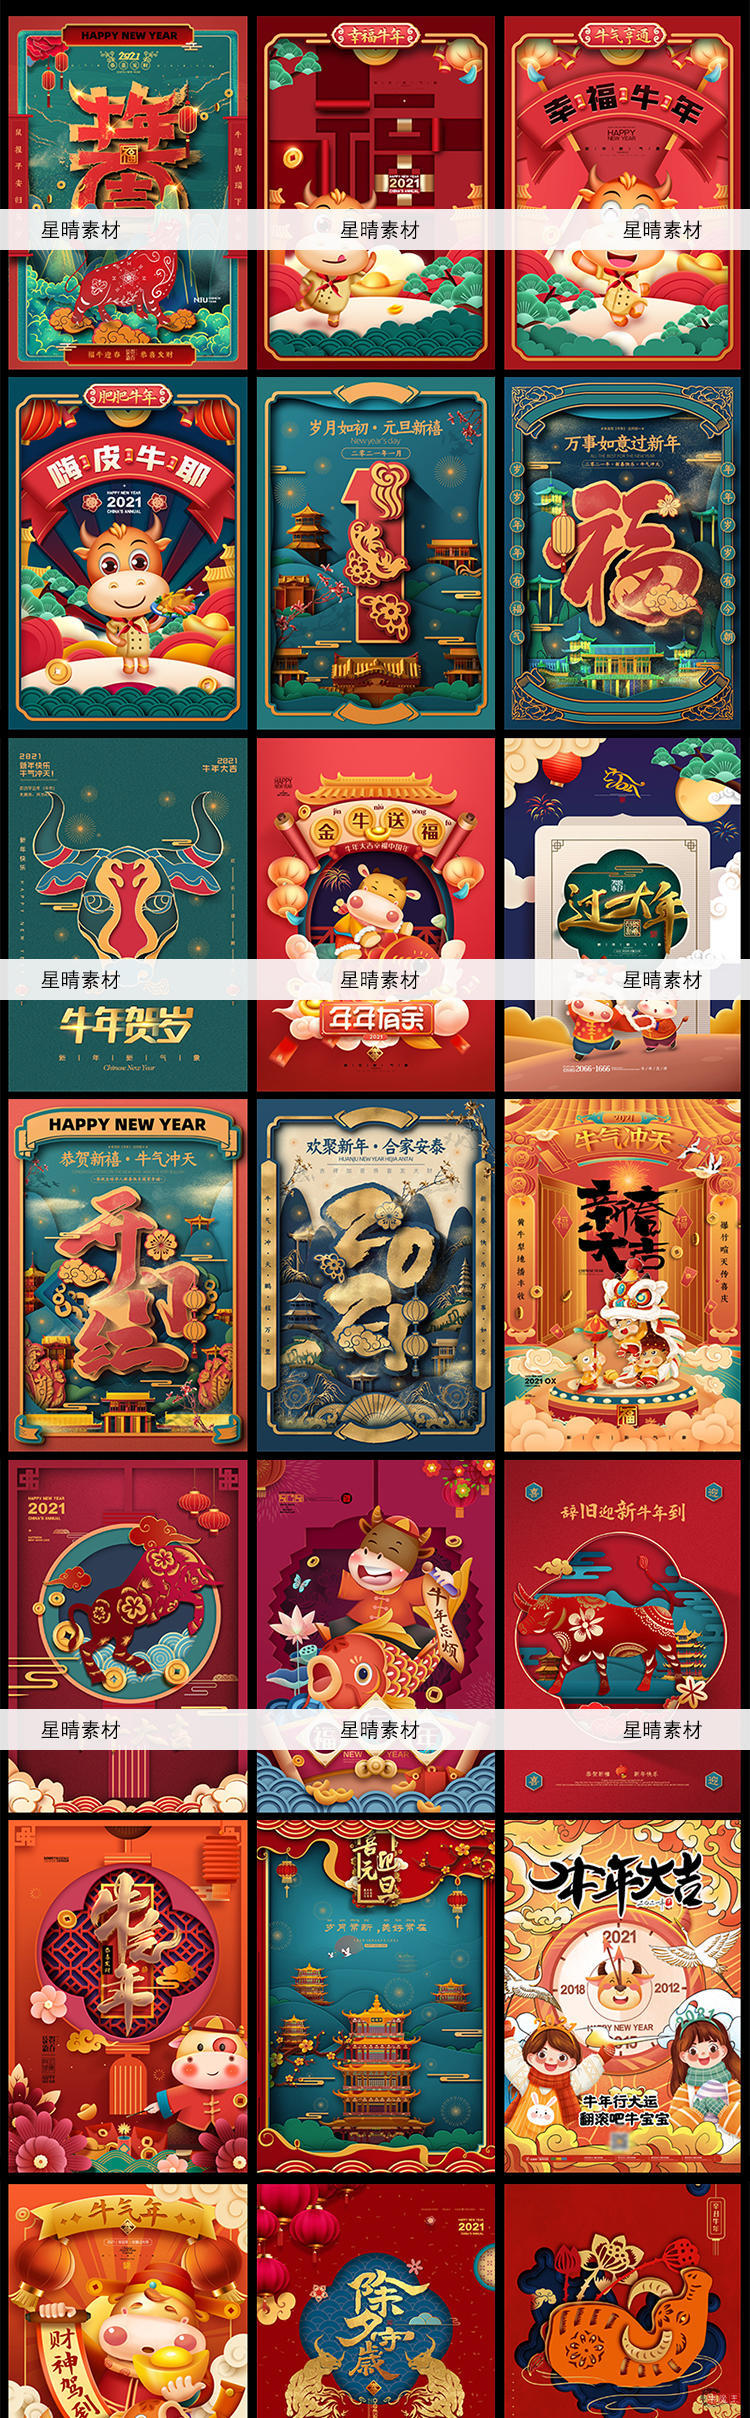 国潮新年2021春节插画宣传海报psd源码-牛魔博客